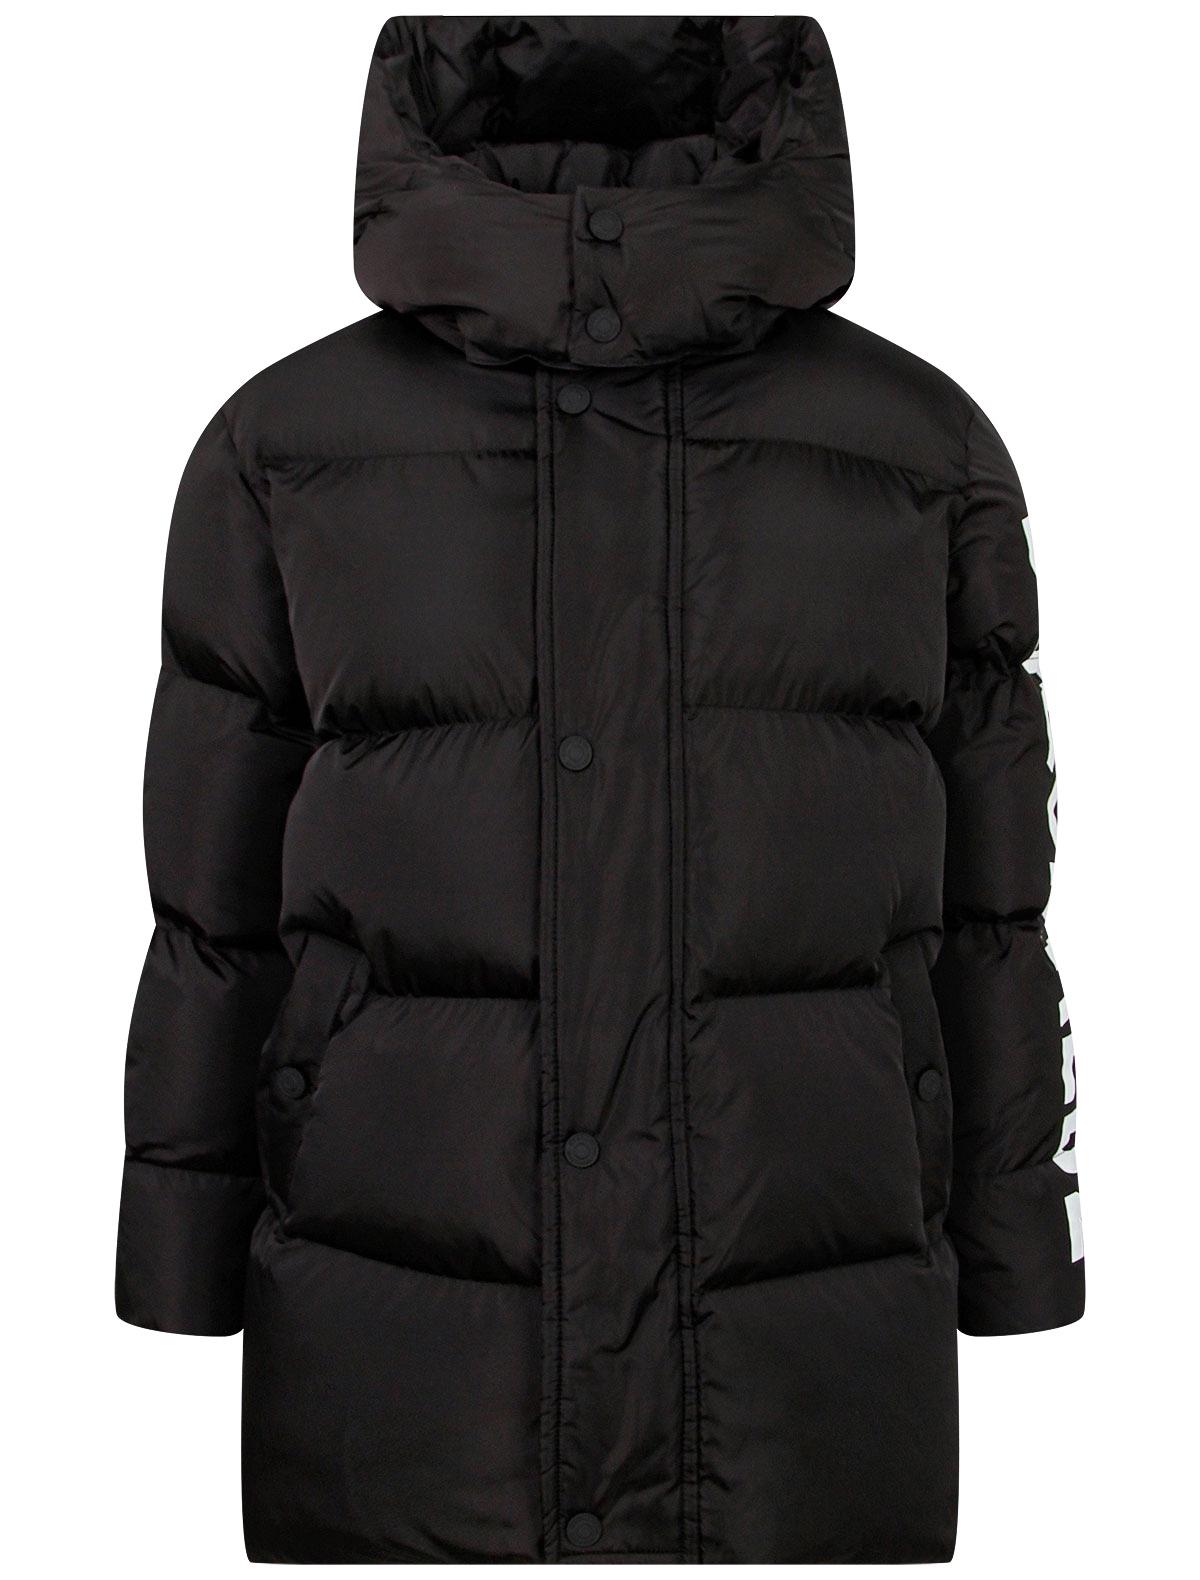 Купить 2334632, Куртка Dsquared2, черный, Мужской, 1074519180620